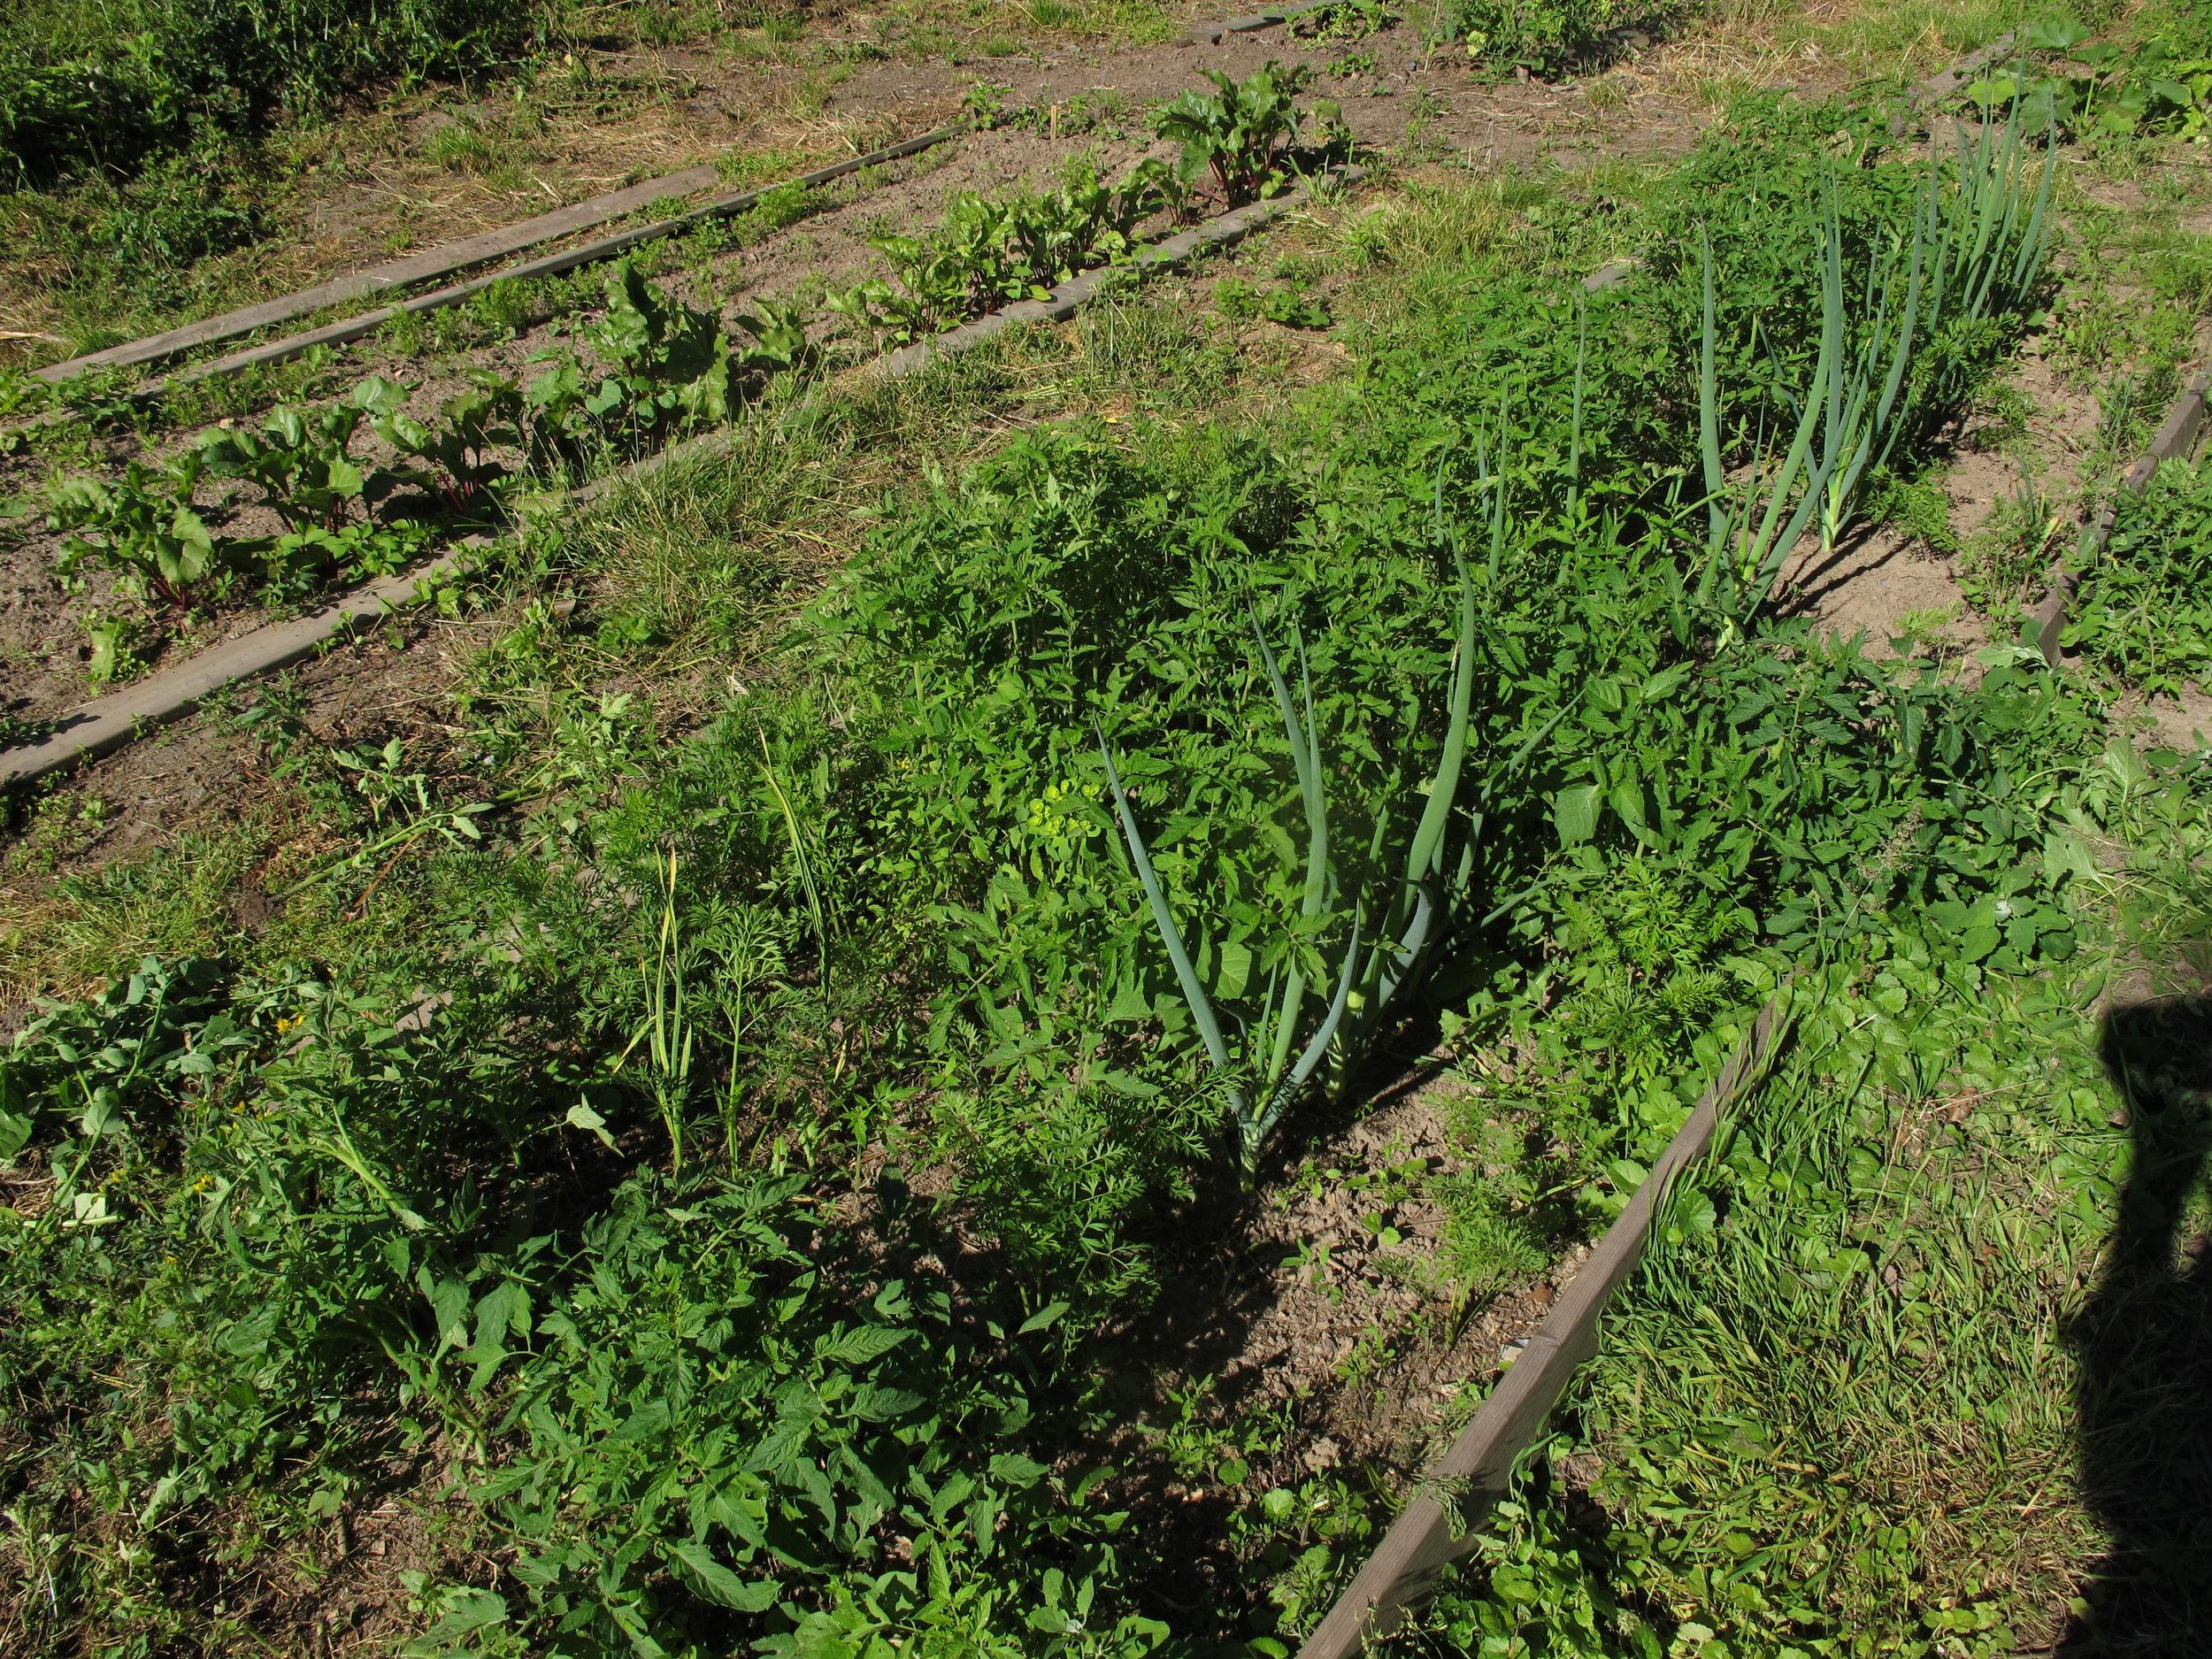 Trods mange lugningsindsatser er det stadig mere tomatbed end løgbed